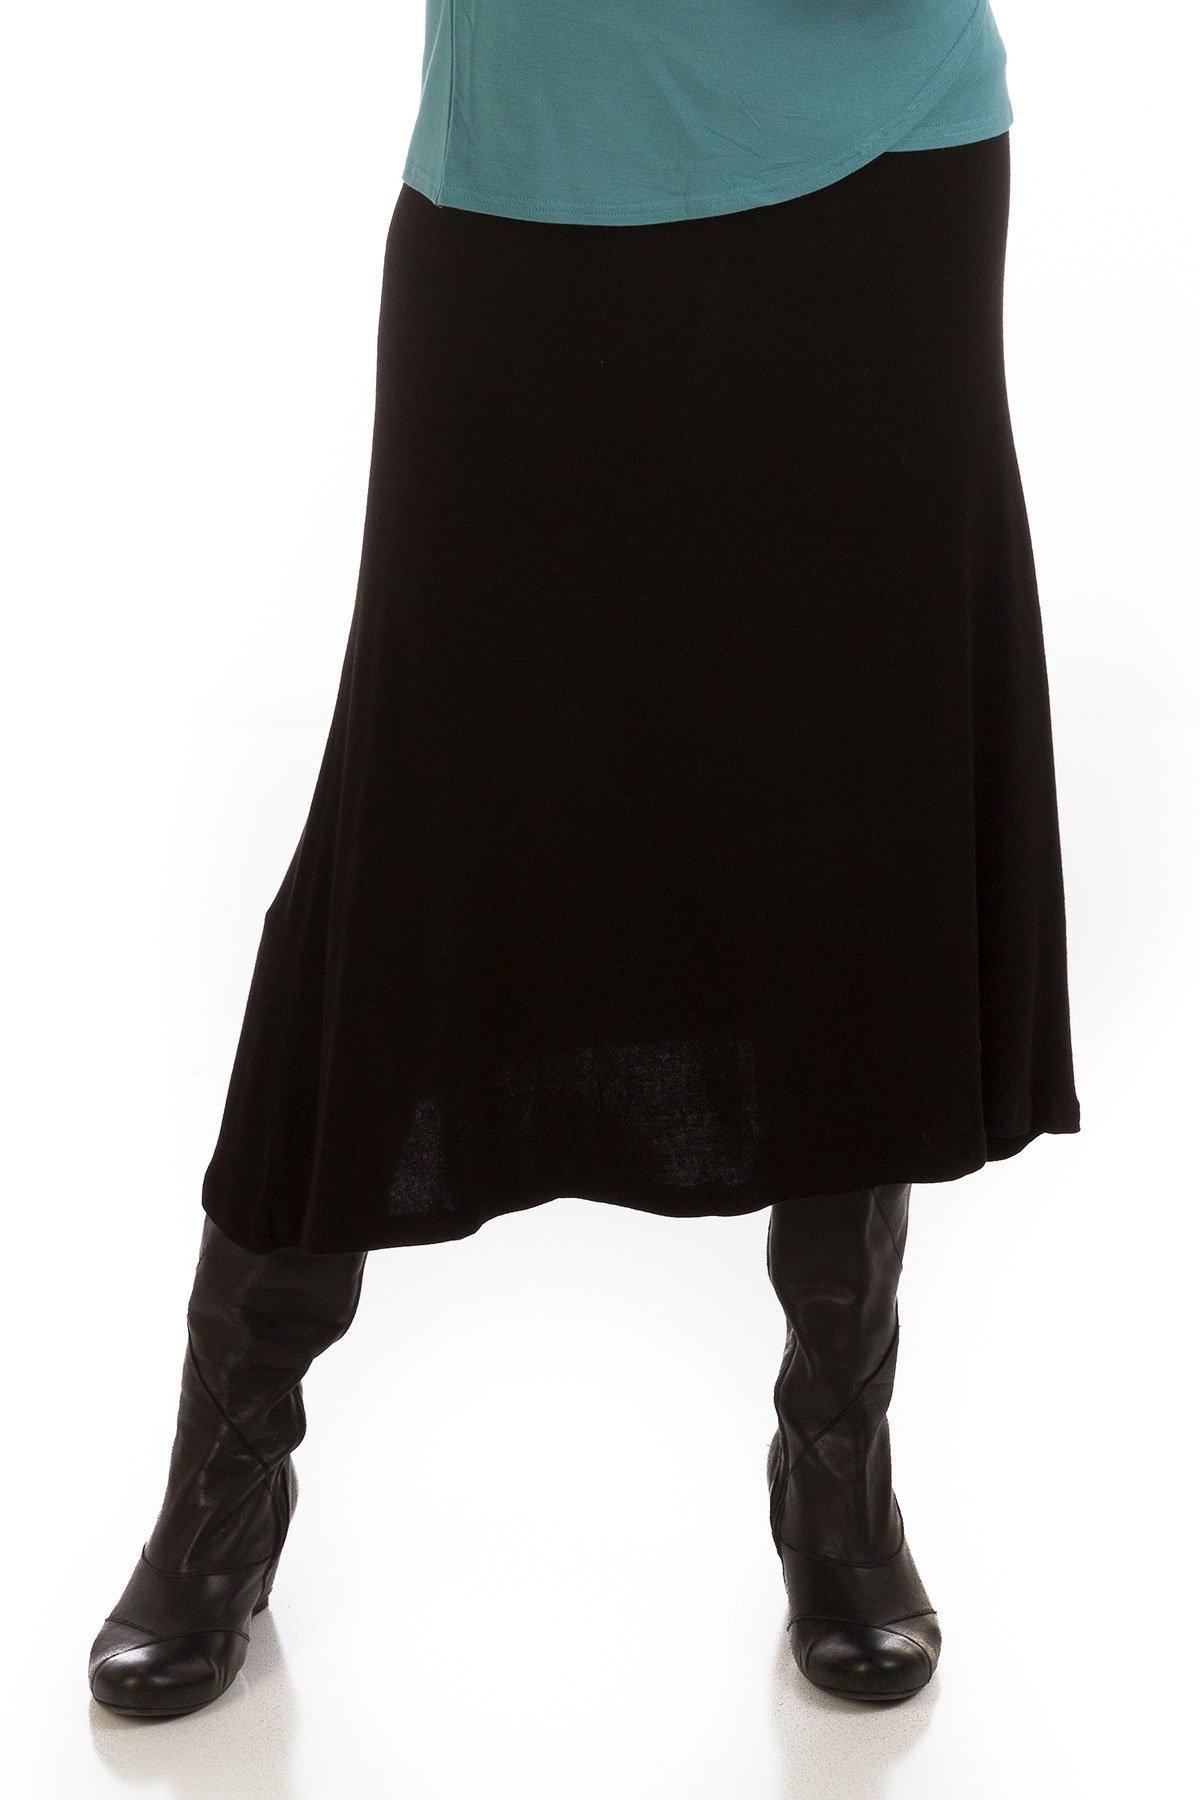 Yala MAL16W Medium Black Bamboo Mallory Sweater Skirt with Gathered Waist